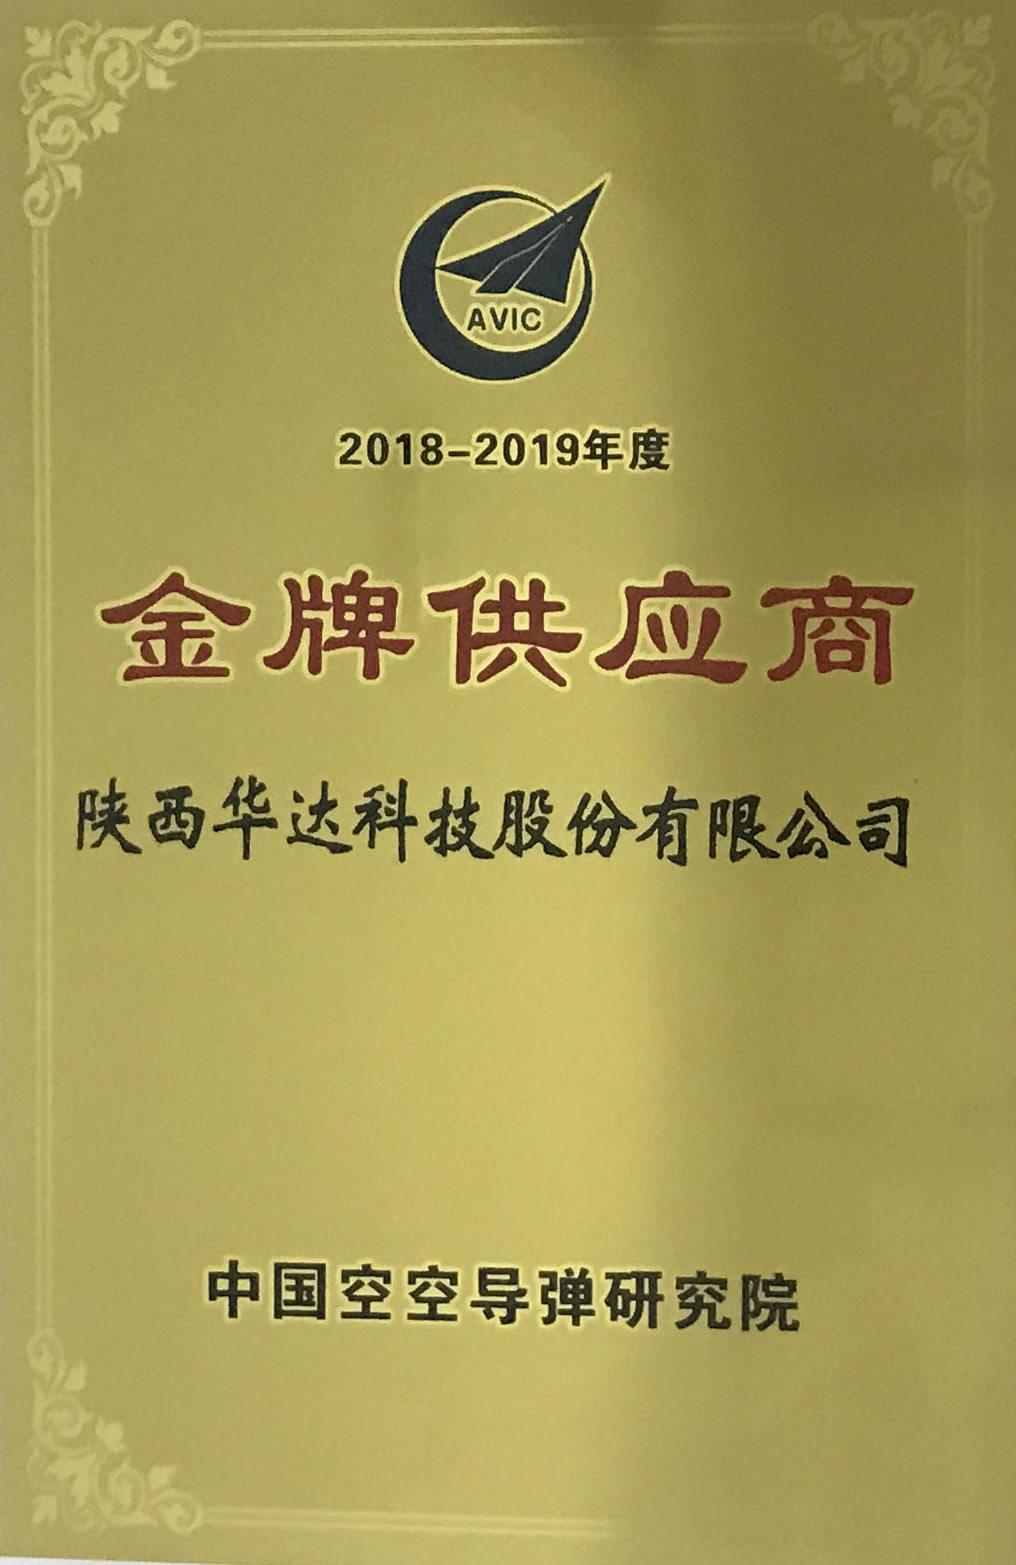 2018-2019年度优秀供应商